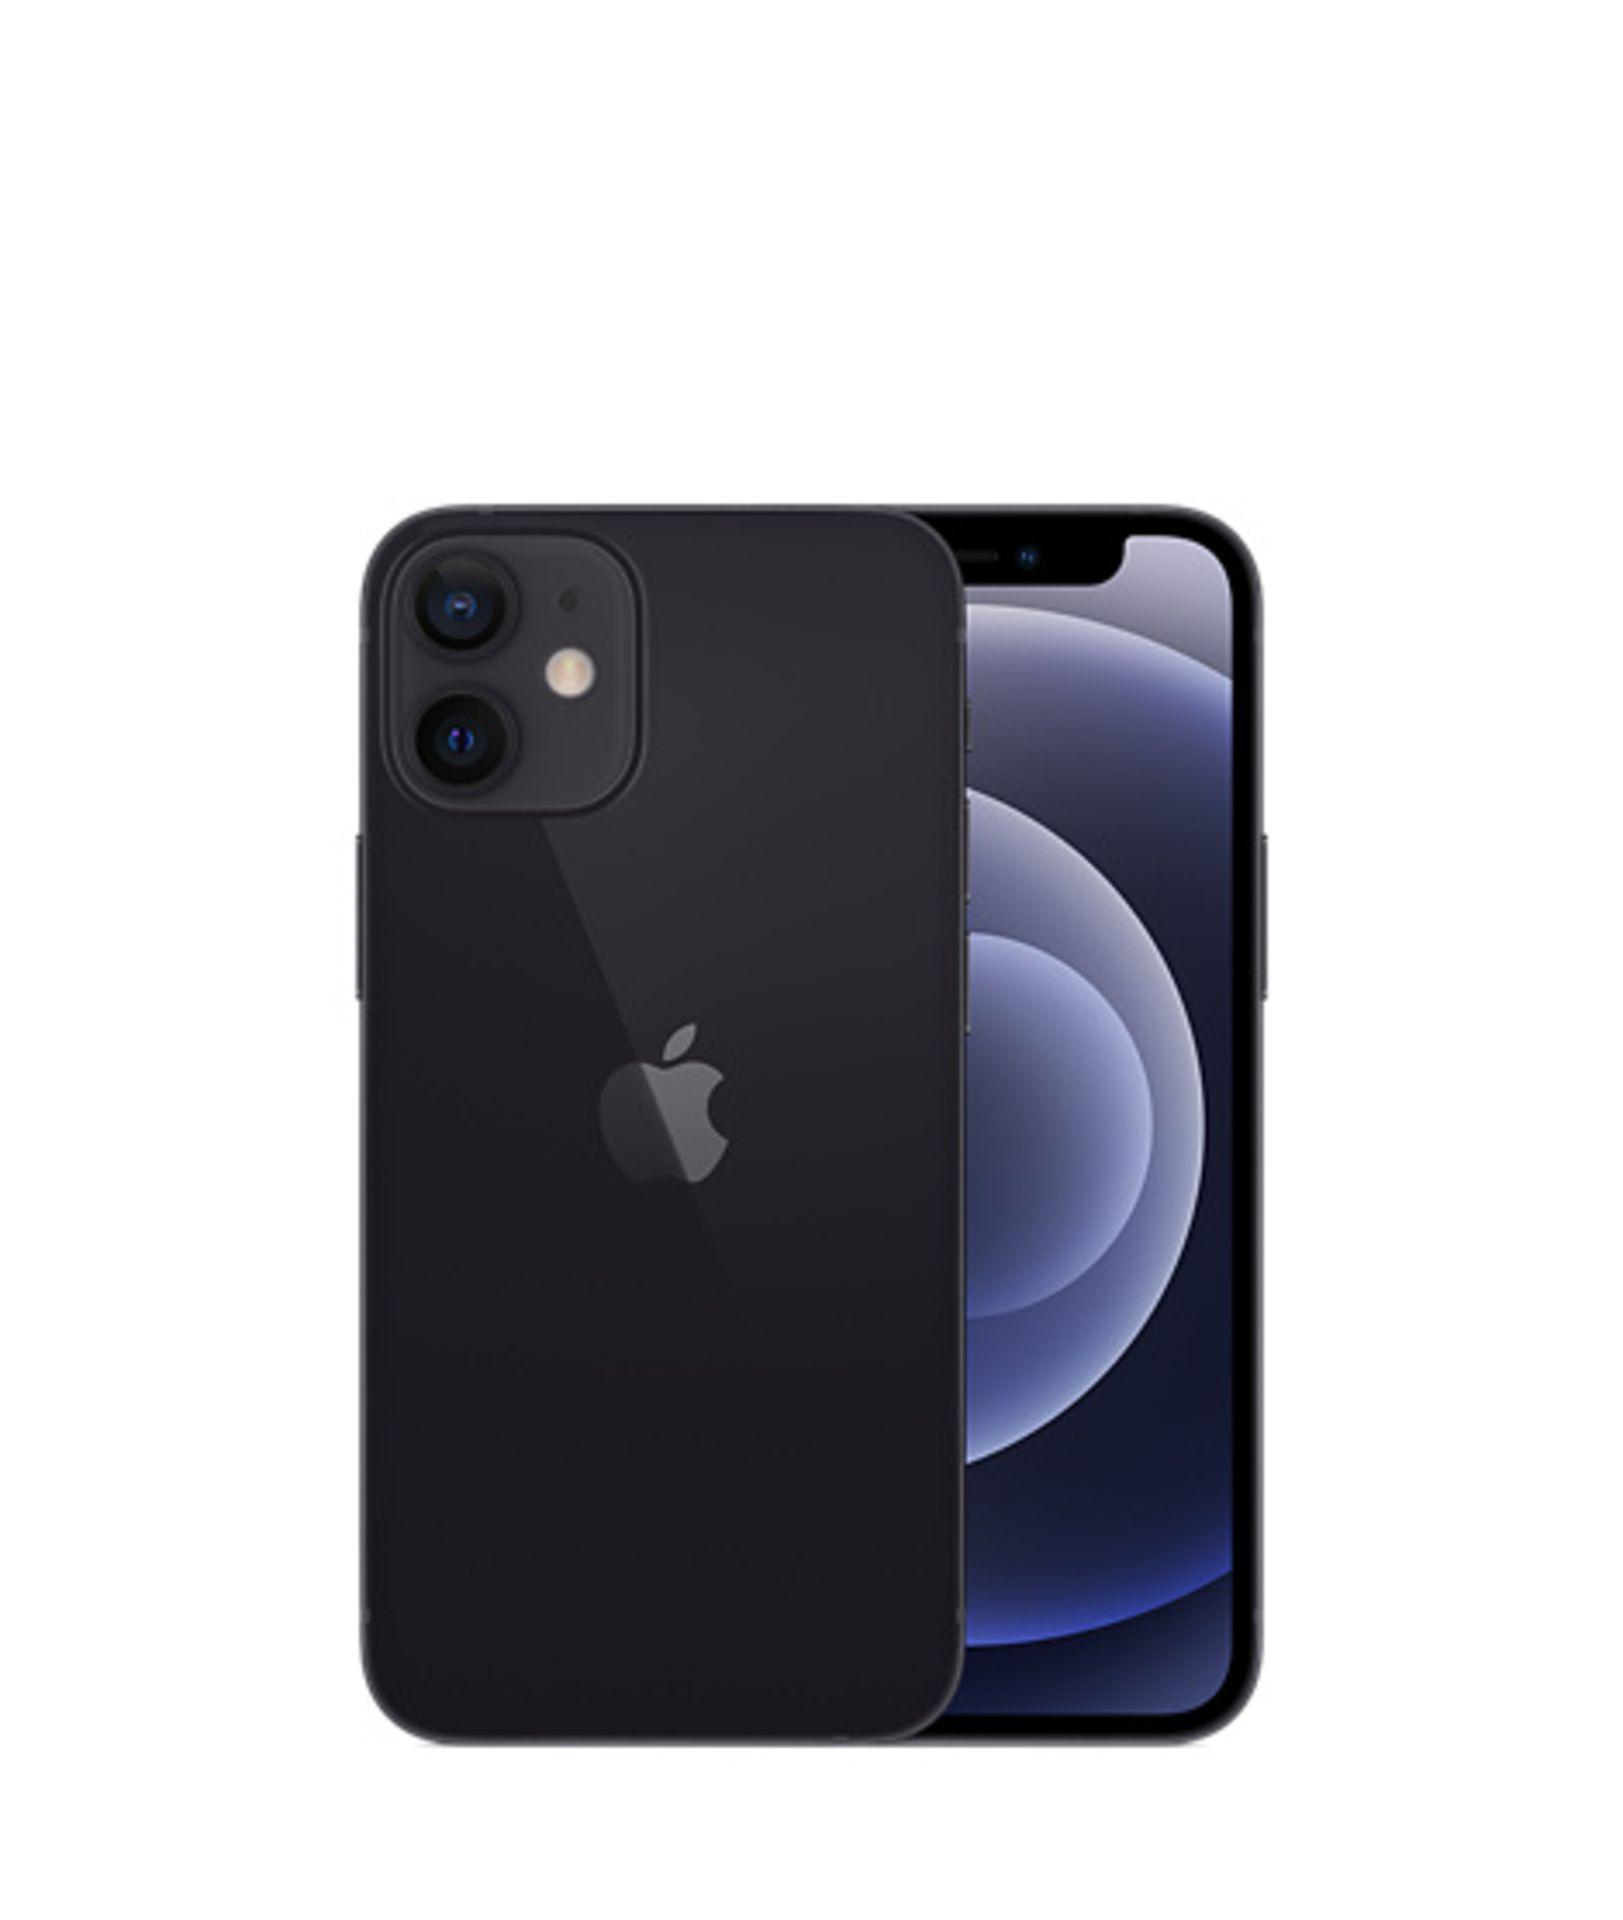 1 BOXED APPLE IPHONE 12 MINI 64GB UNLOCKED IN BLACK RRP £599 (APPLE WARRANTY TILL JUNE 2022)